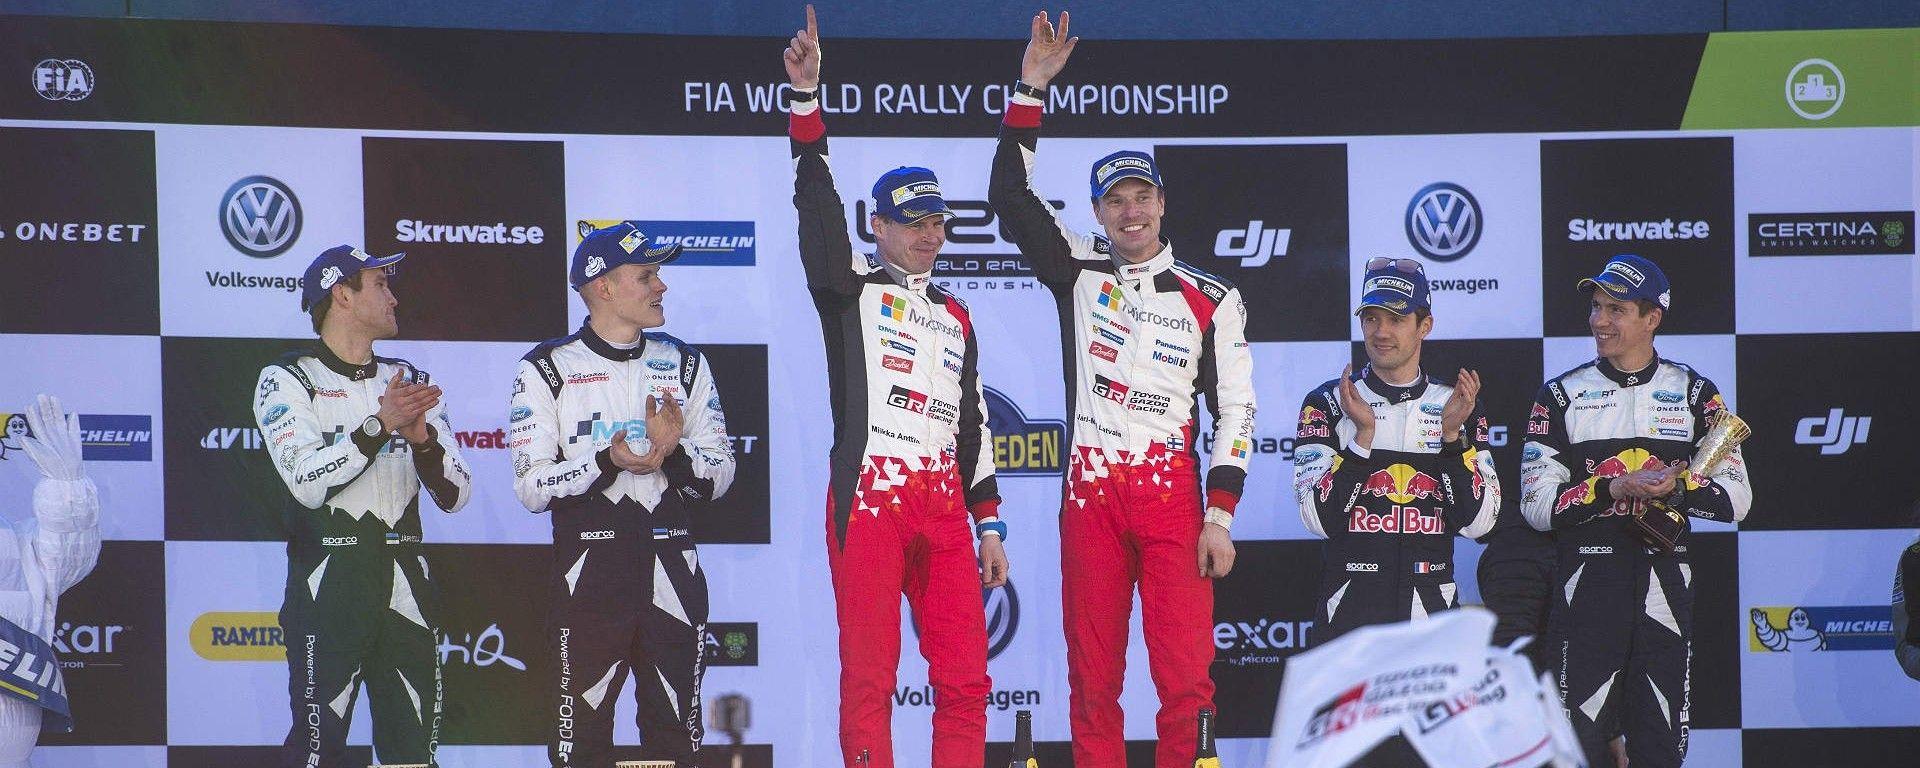 Il podio del Rally di Svezia 2017 - WRC 2017